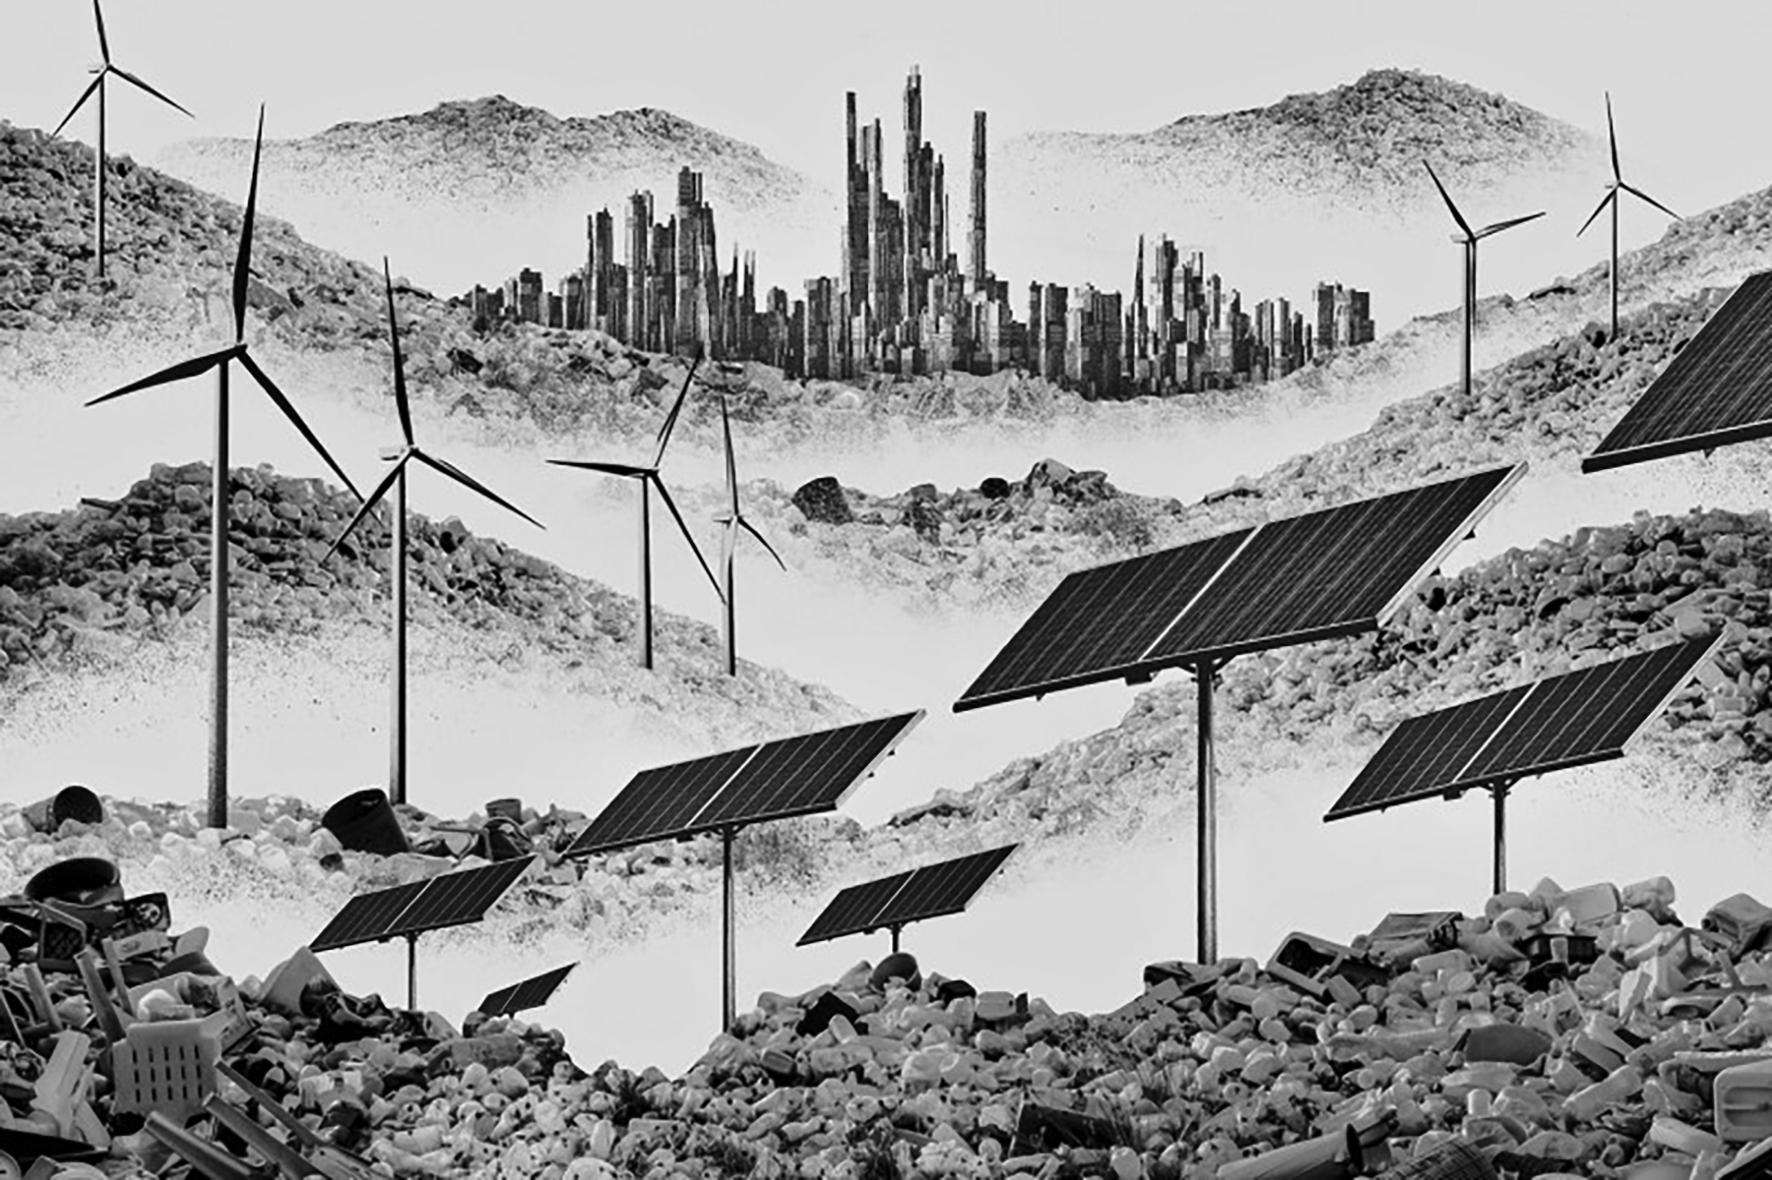 Năng lượng tái tạo có thực sự sạch?. Ảnh: Foreign Policy